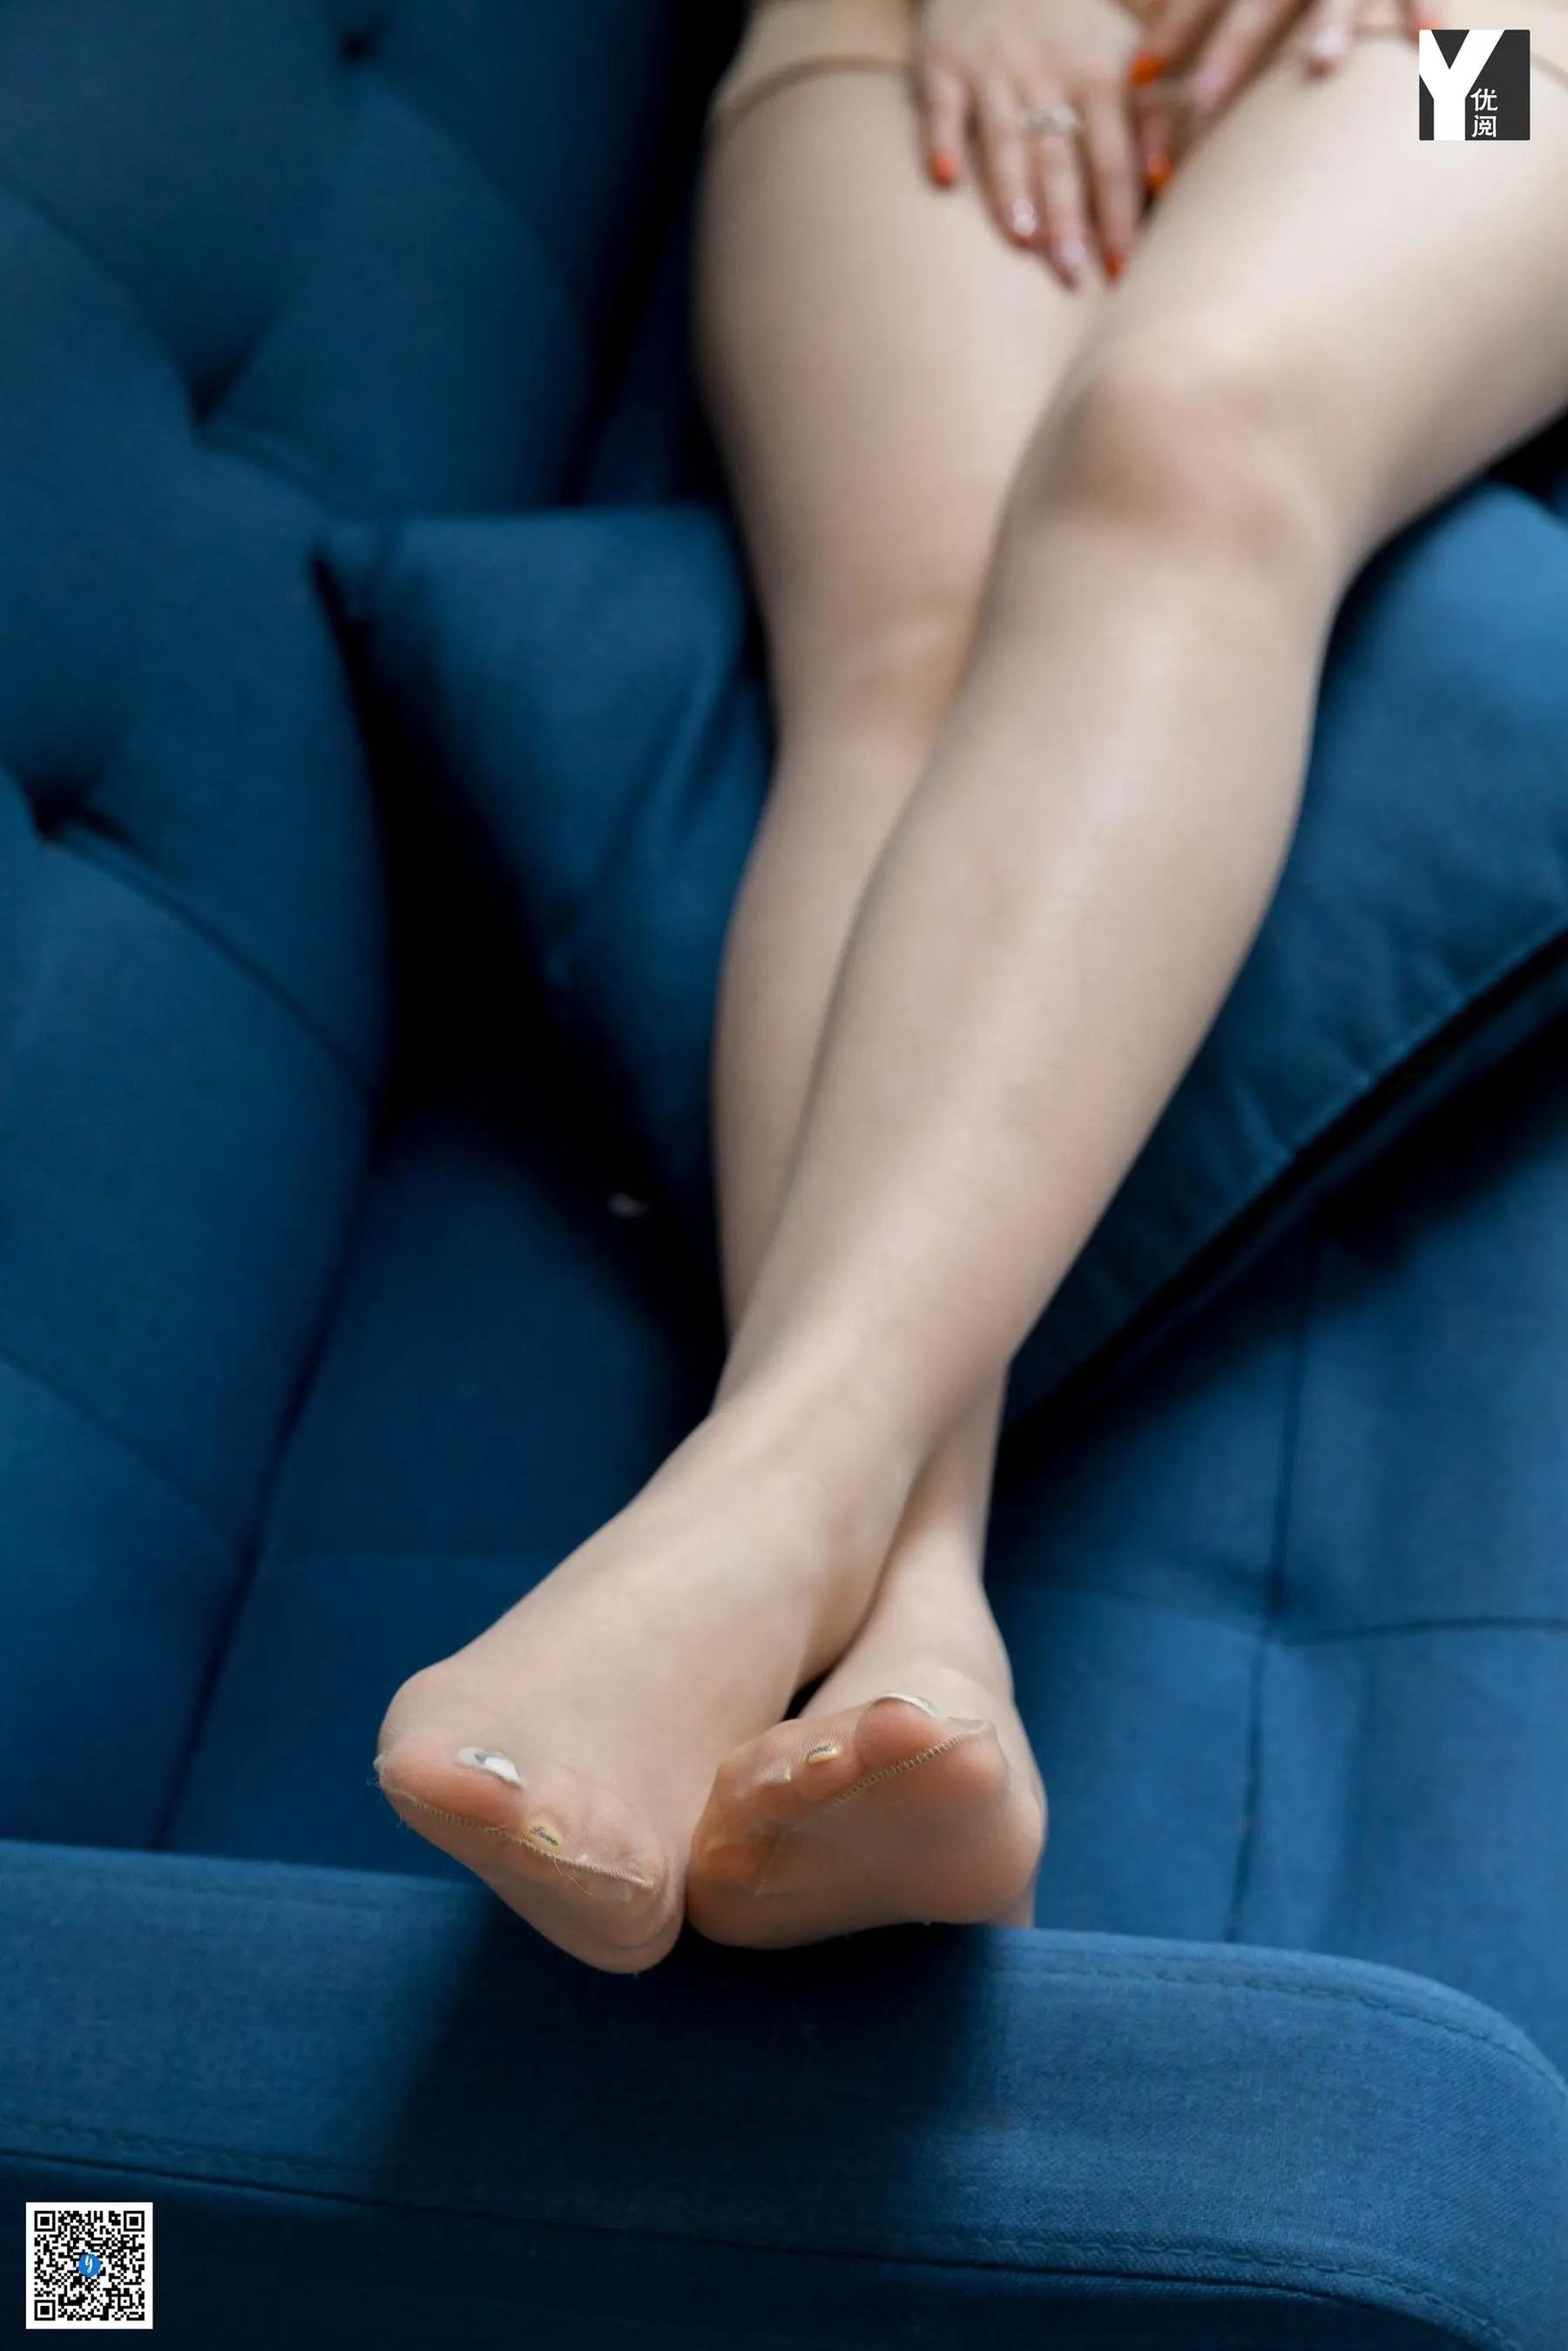 [IESS] 丝享家 764 喵姐《来一杯mojito》 丝袜美腿写真[90P]插图(4)